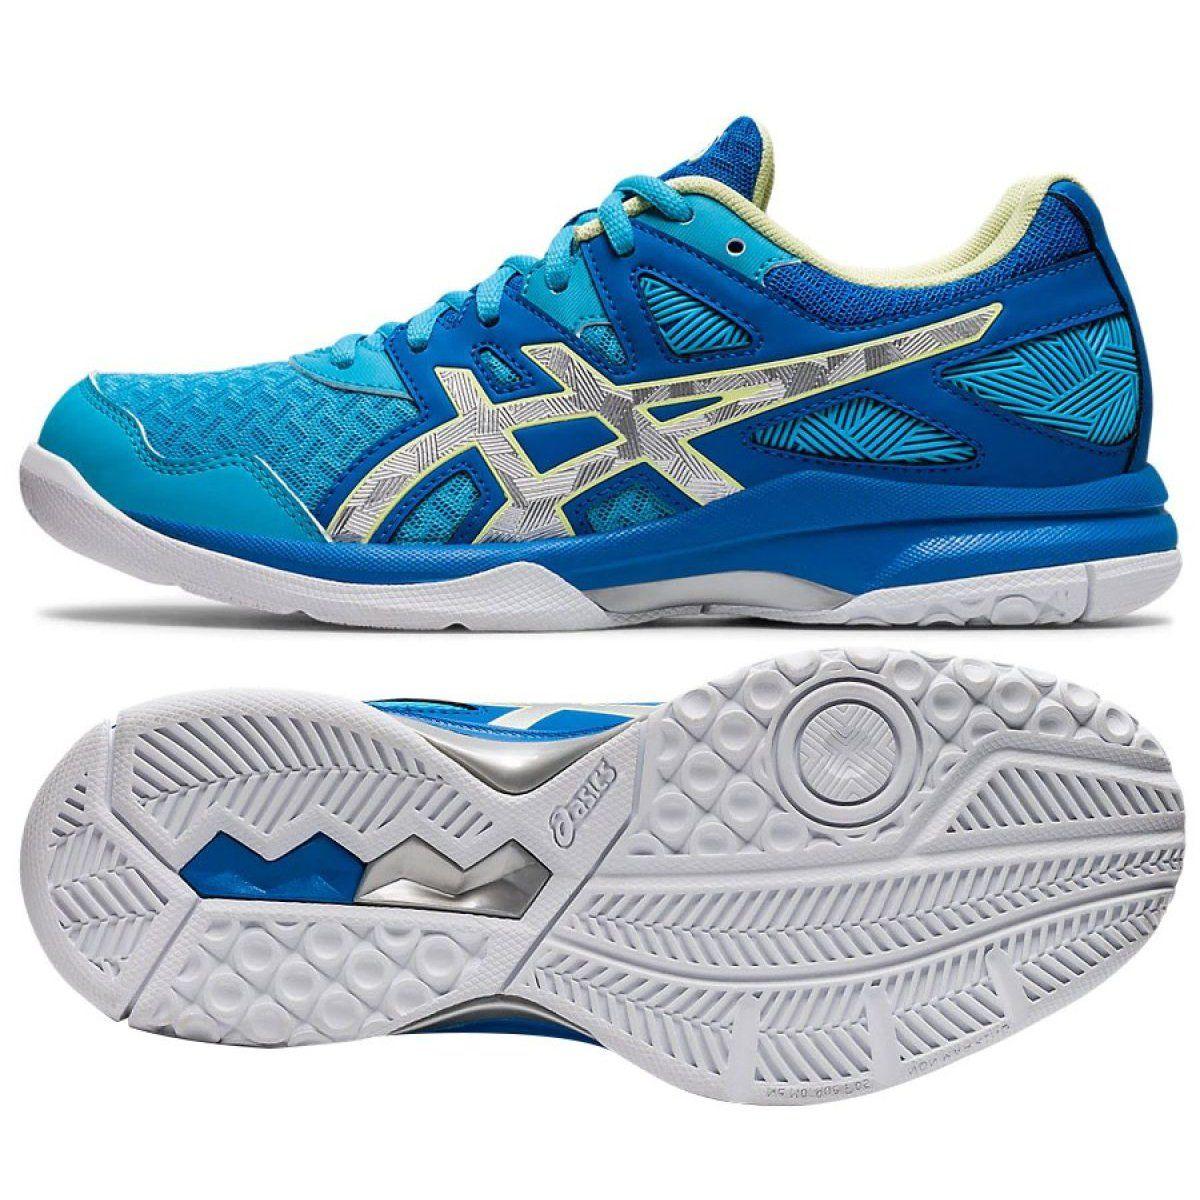 Buty Asics Gel Task 2 W 1072a038 401 Niebieskie Niebieskie Asics Sneaker Asics Sneakers